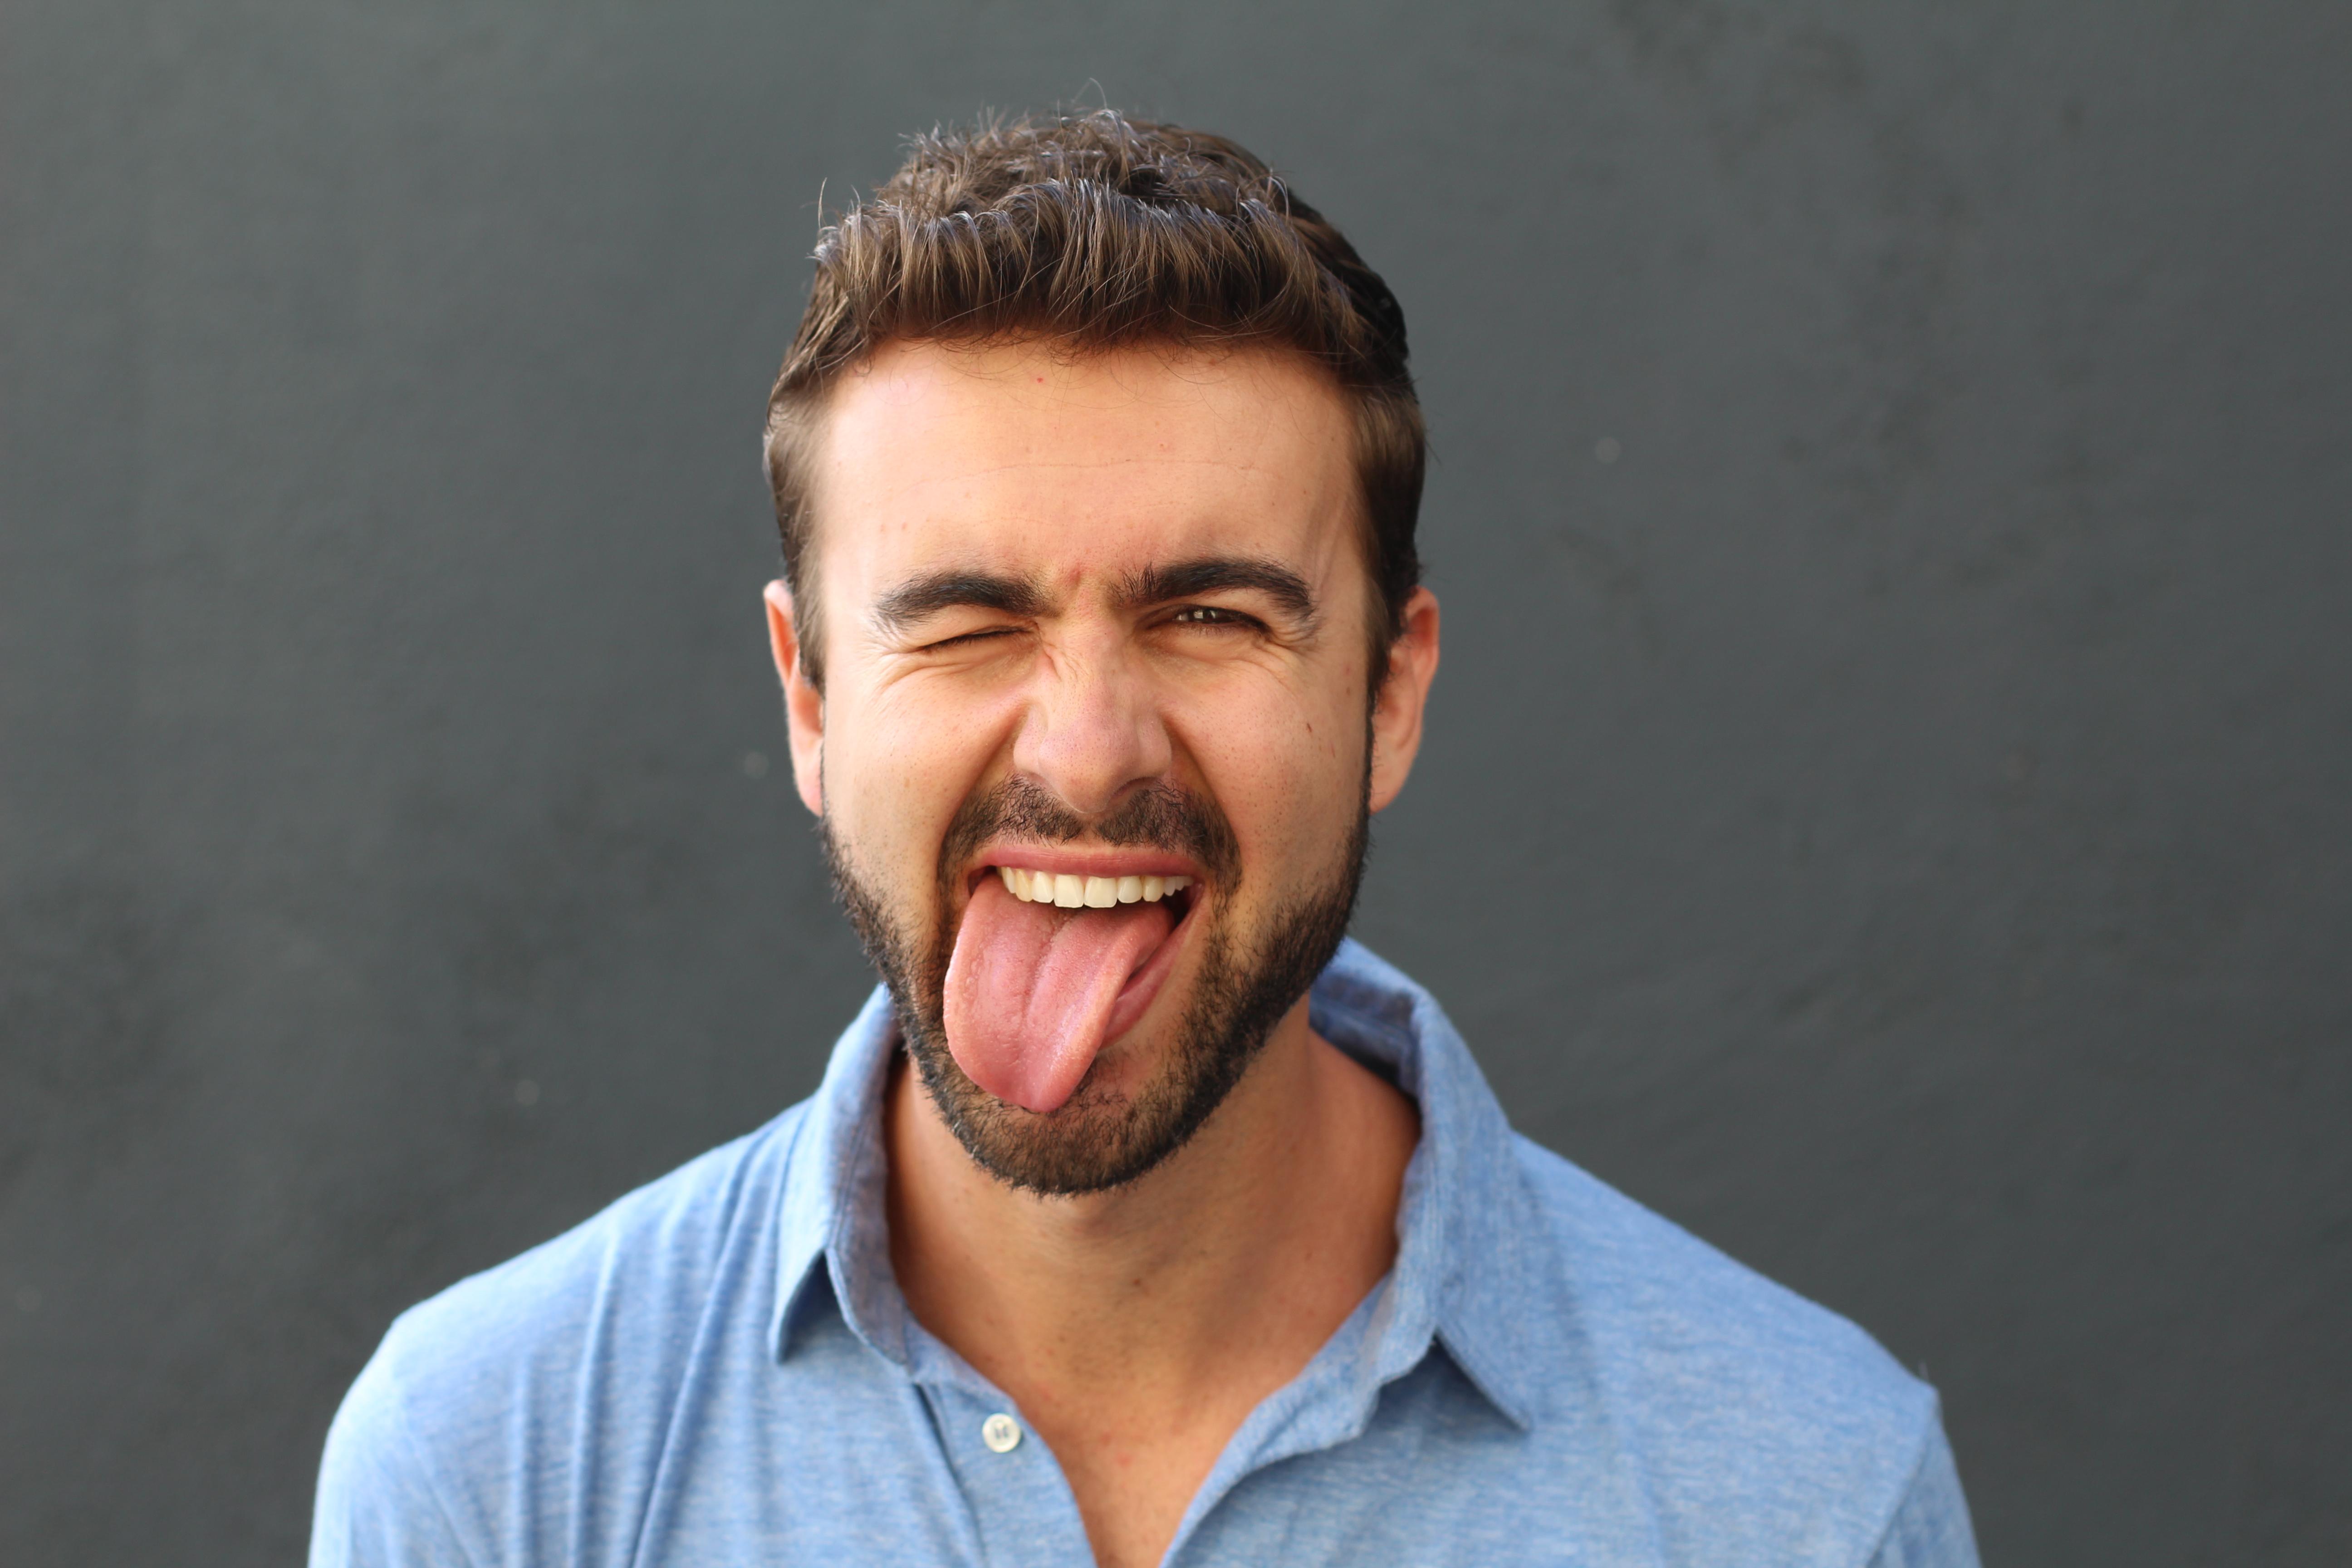 Man with hilarious facial expression